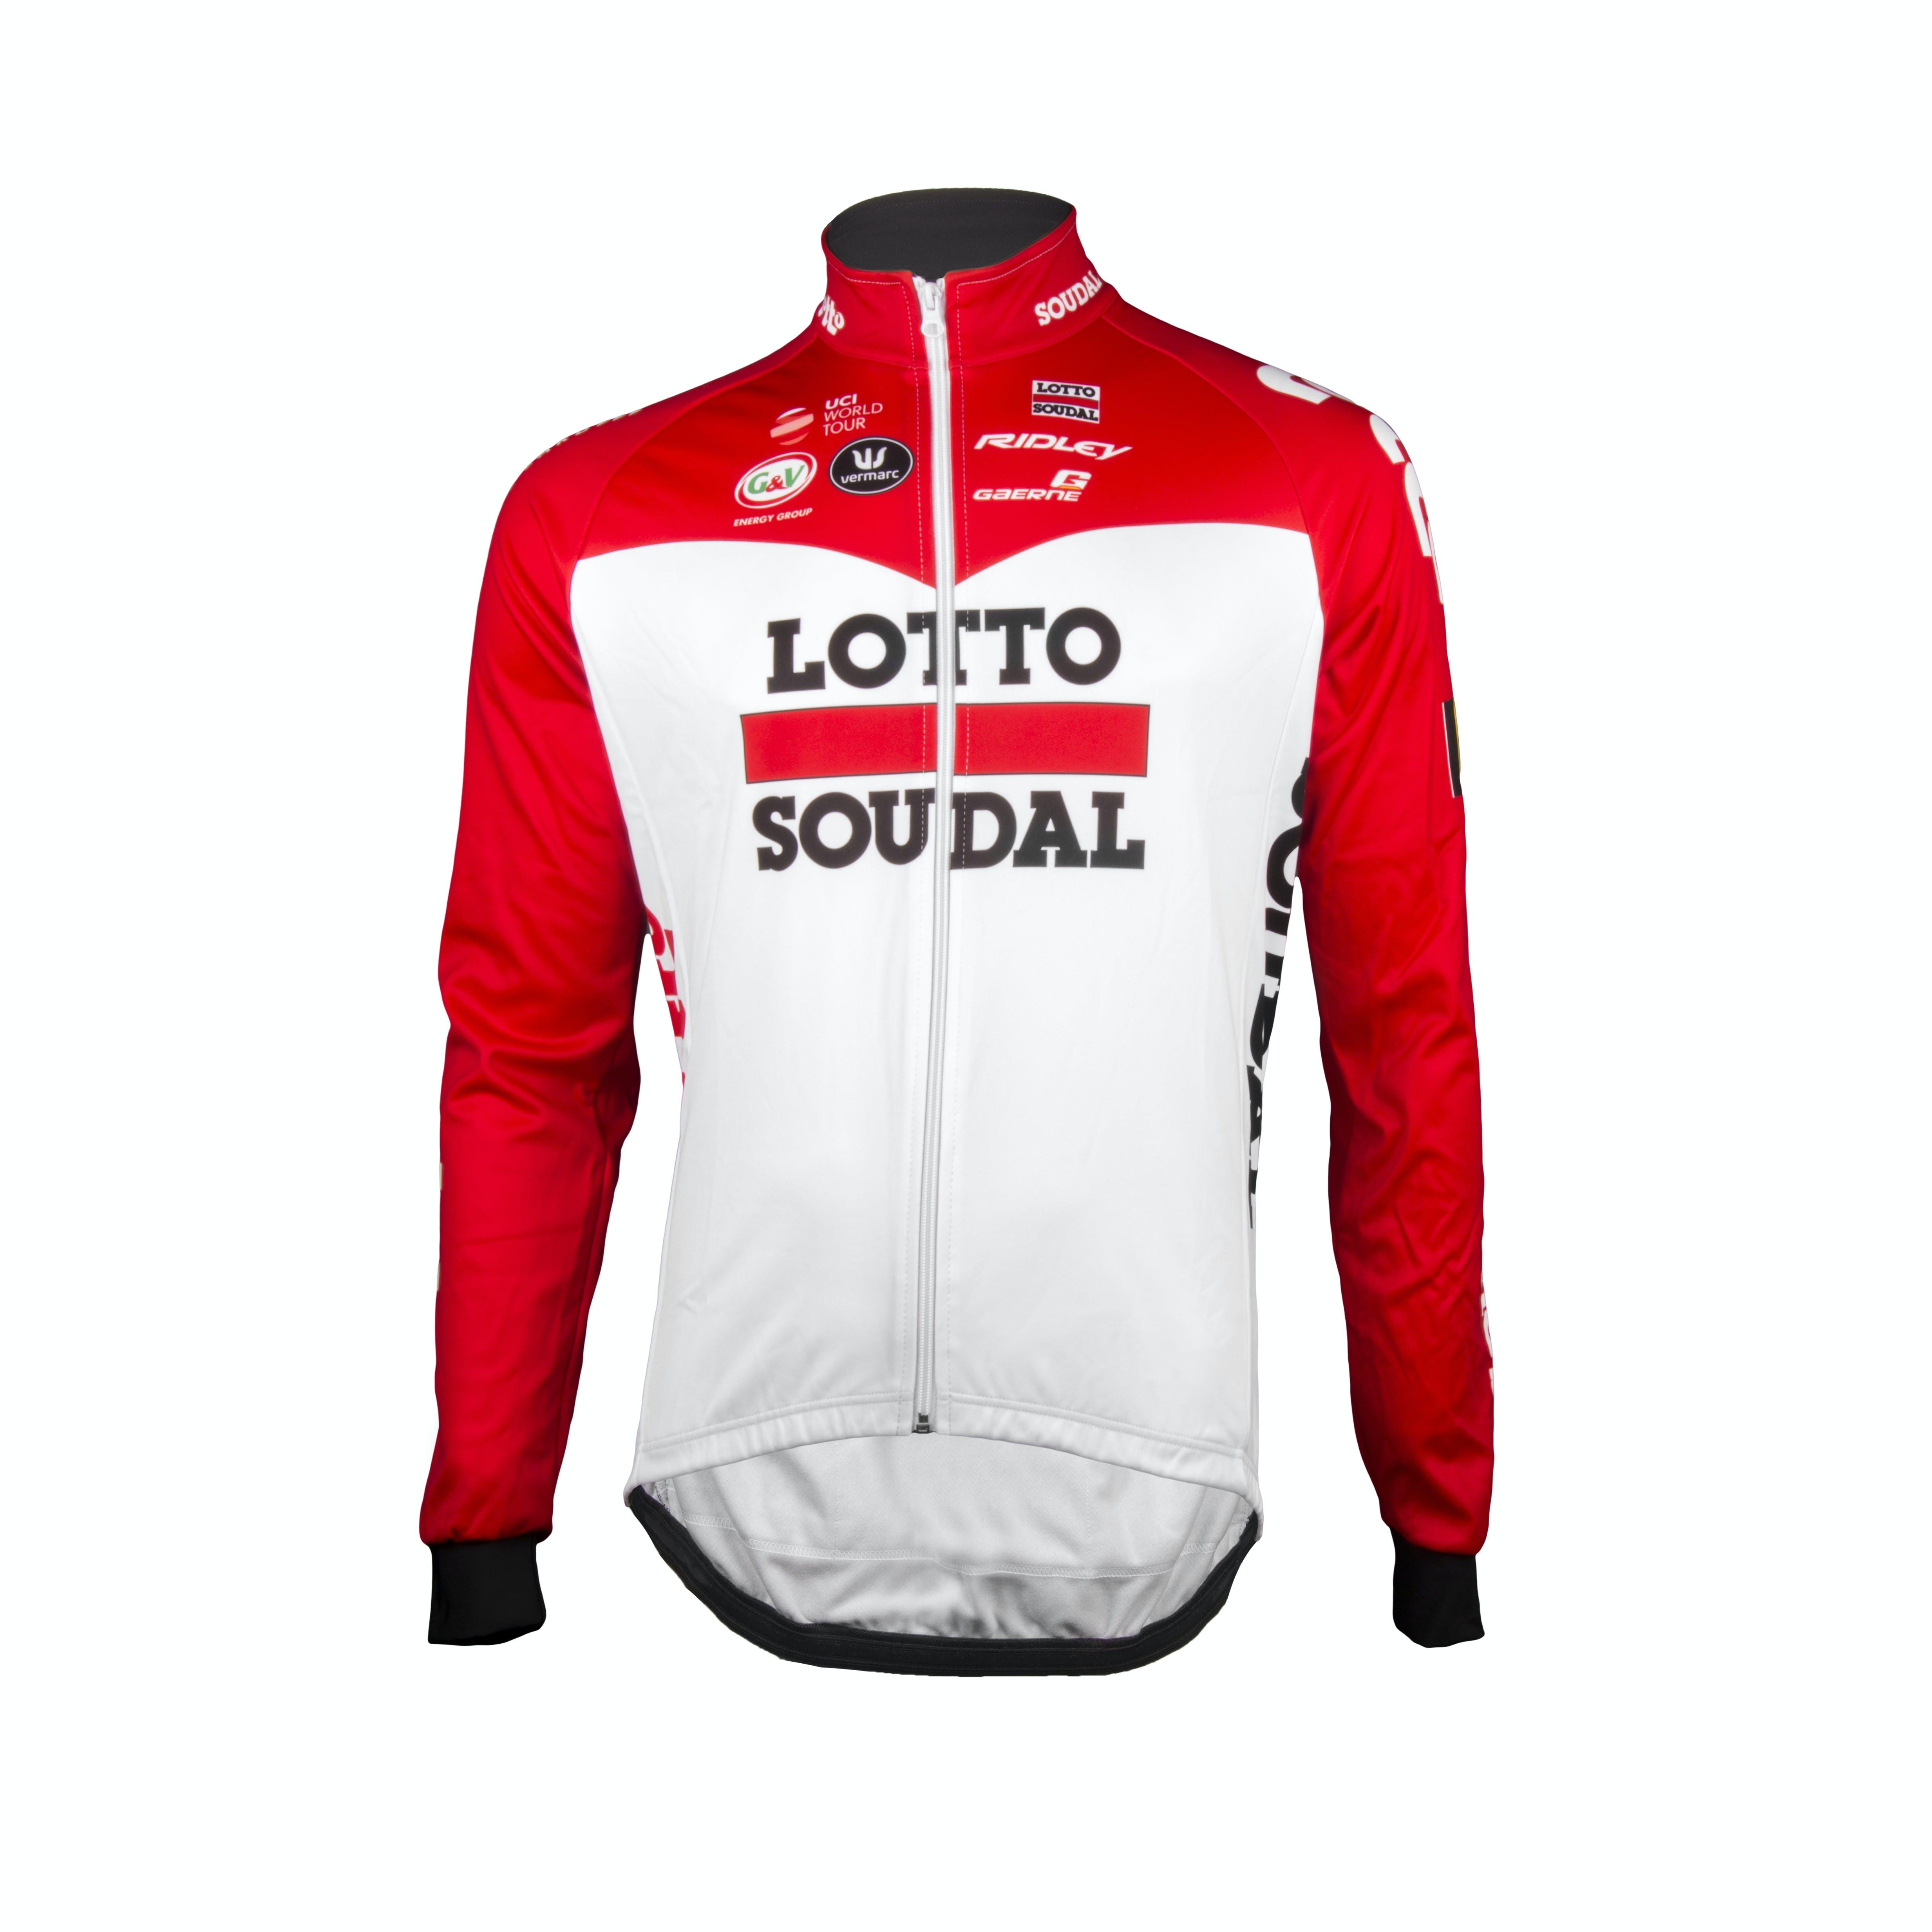 Lotto Soudal 2018 Mid-Season Vest